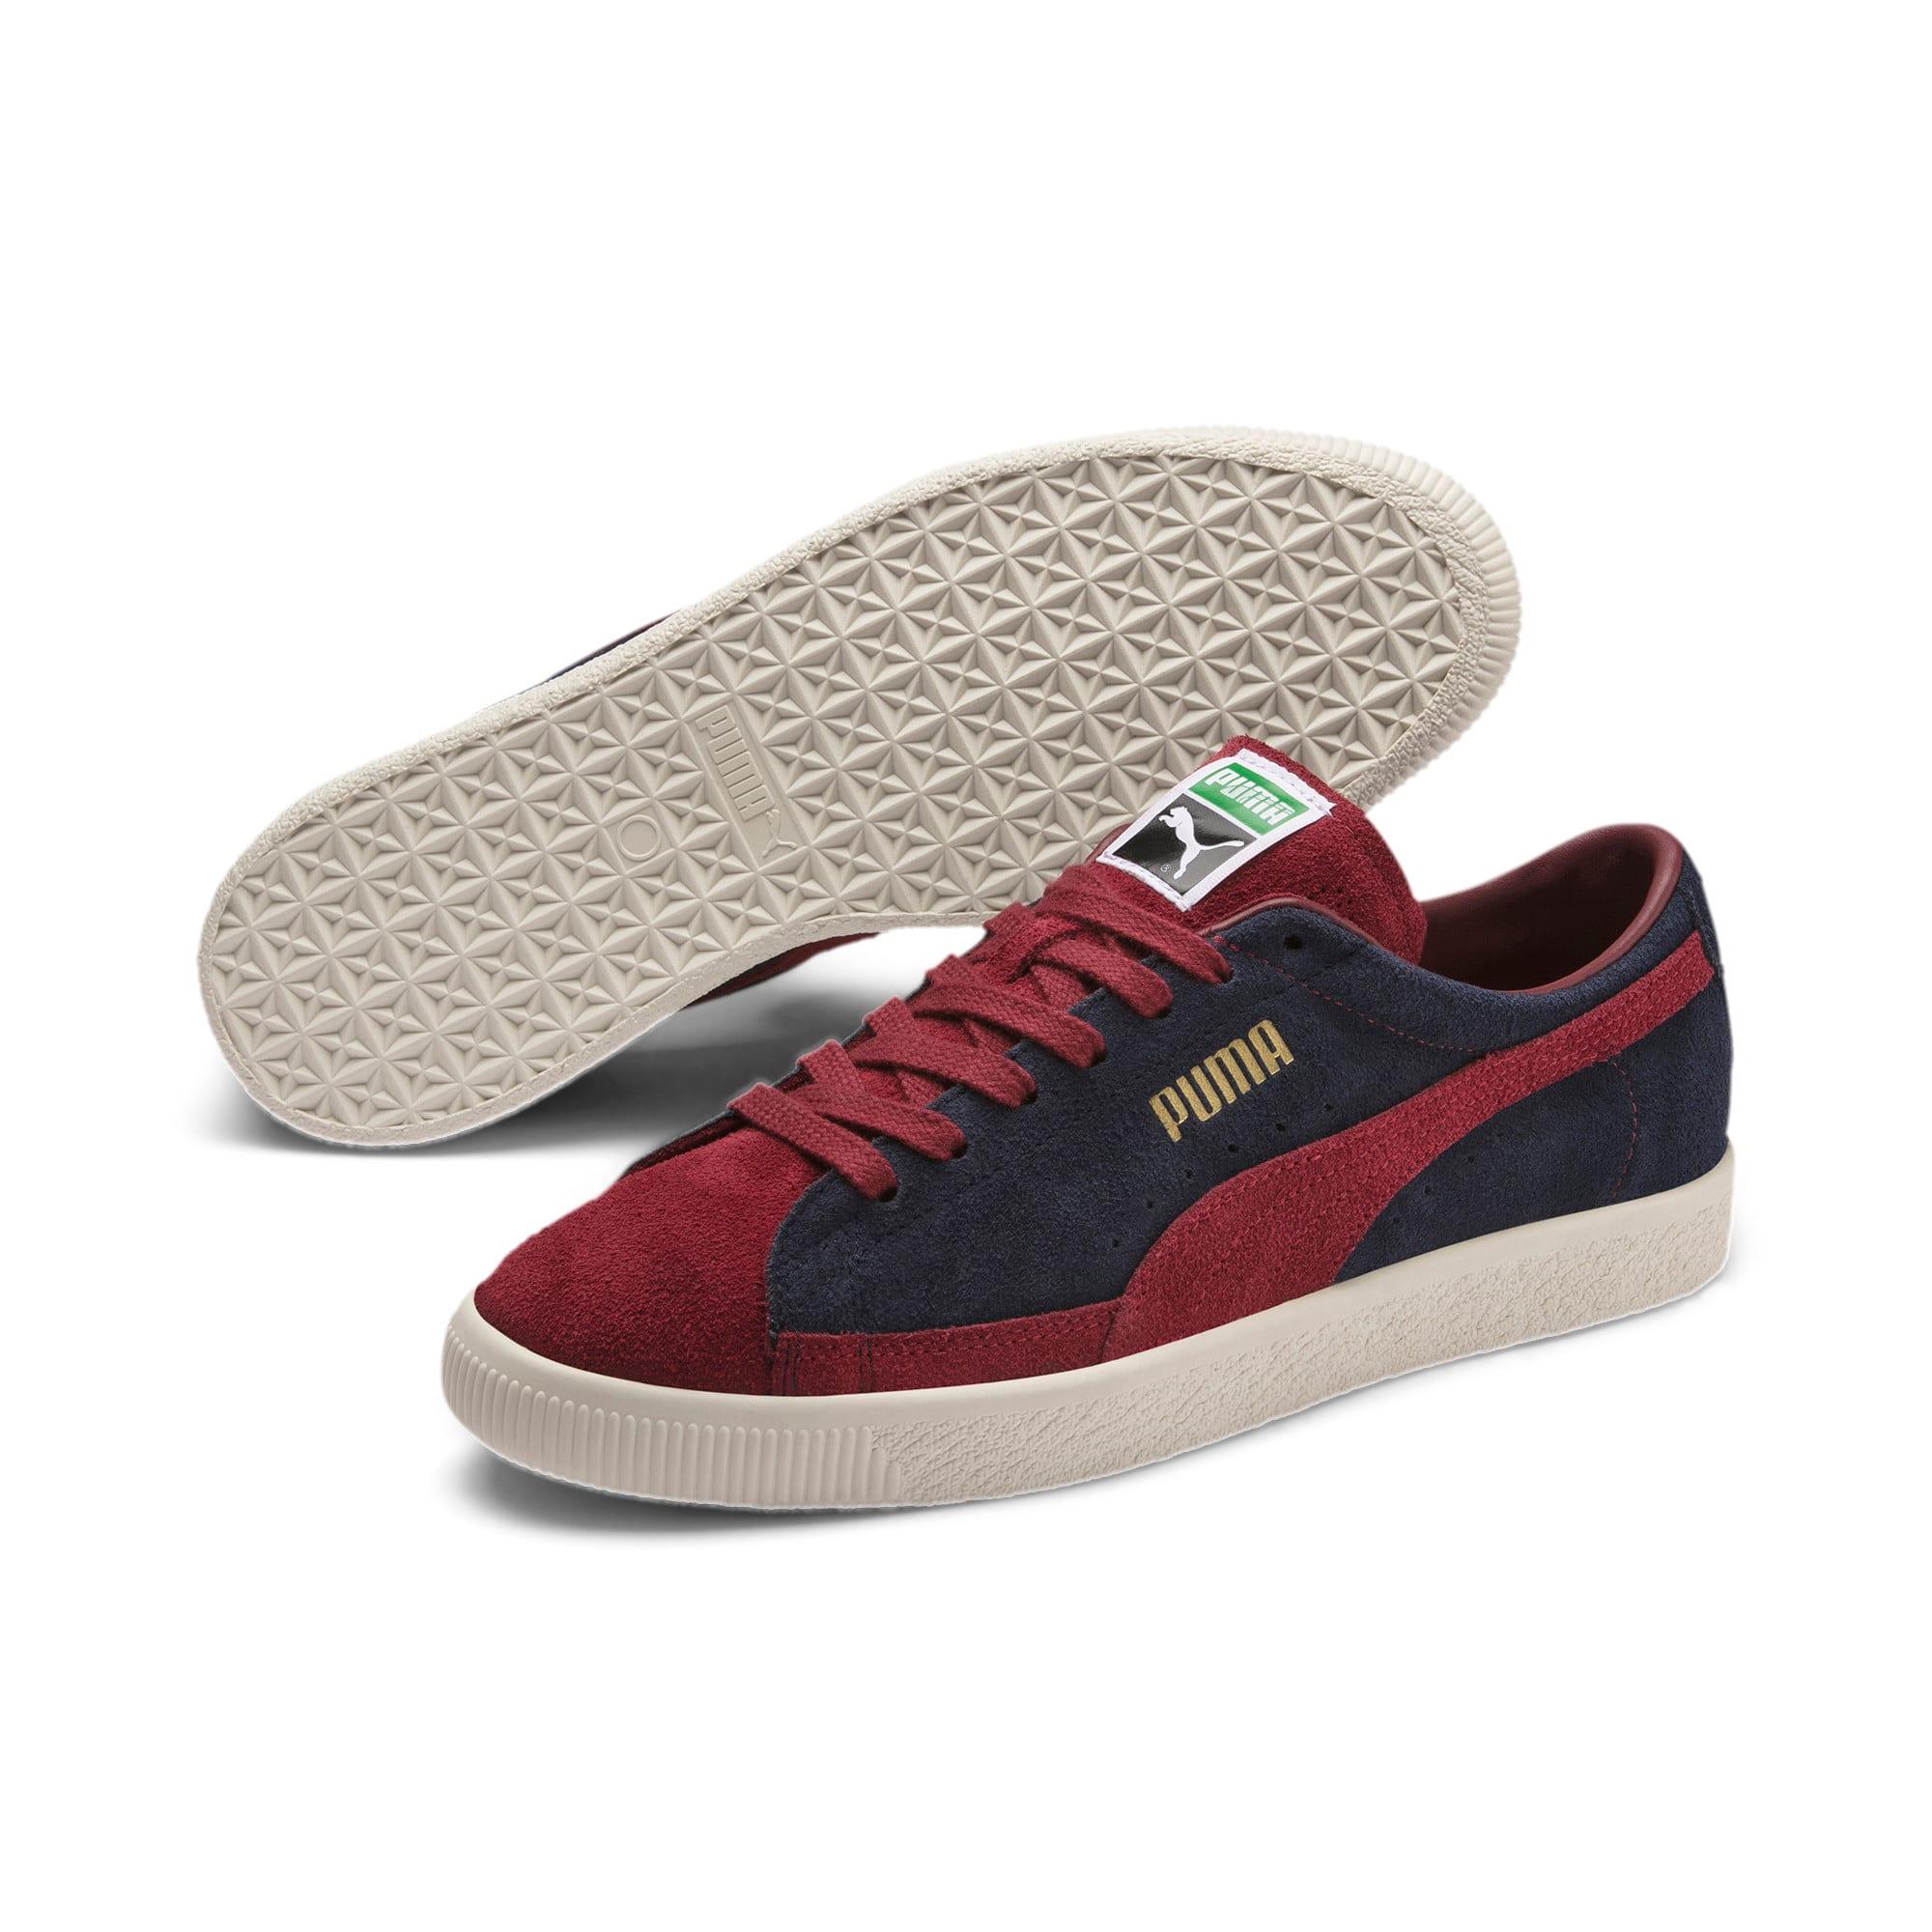 Thumbnail 2 of Suede 90681 Vintage Sneakers, Peacoat-Rhubarb, medium